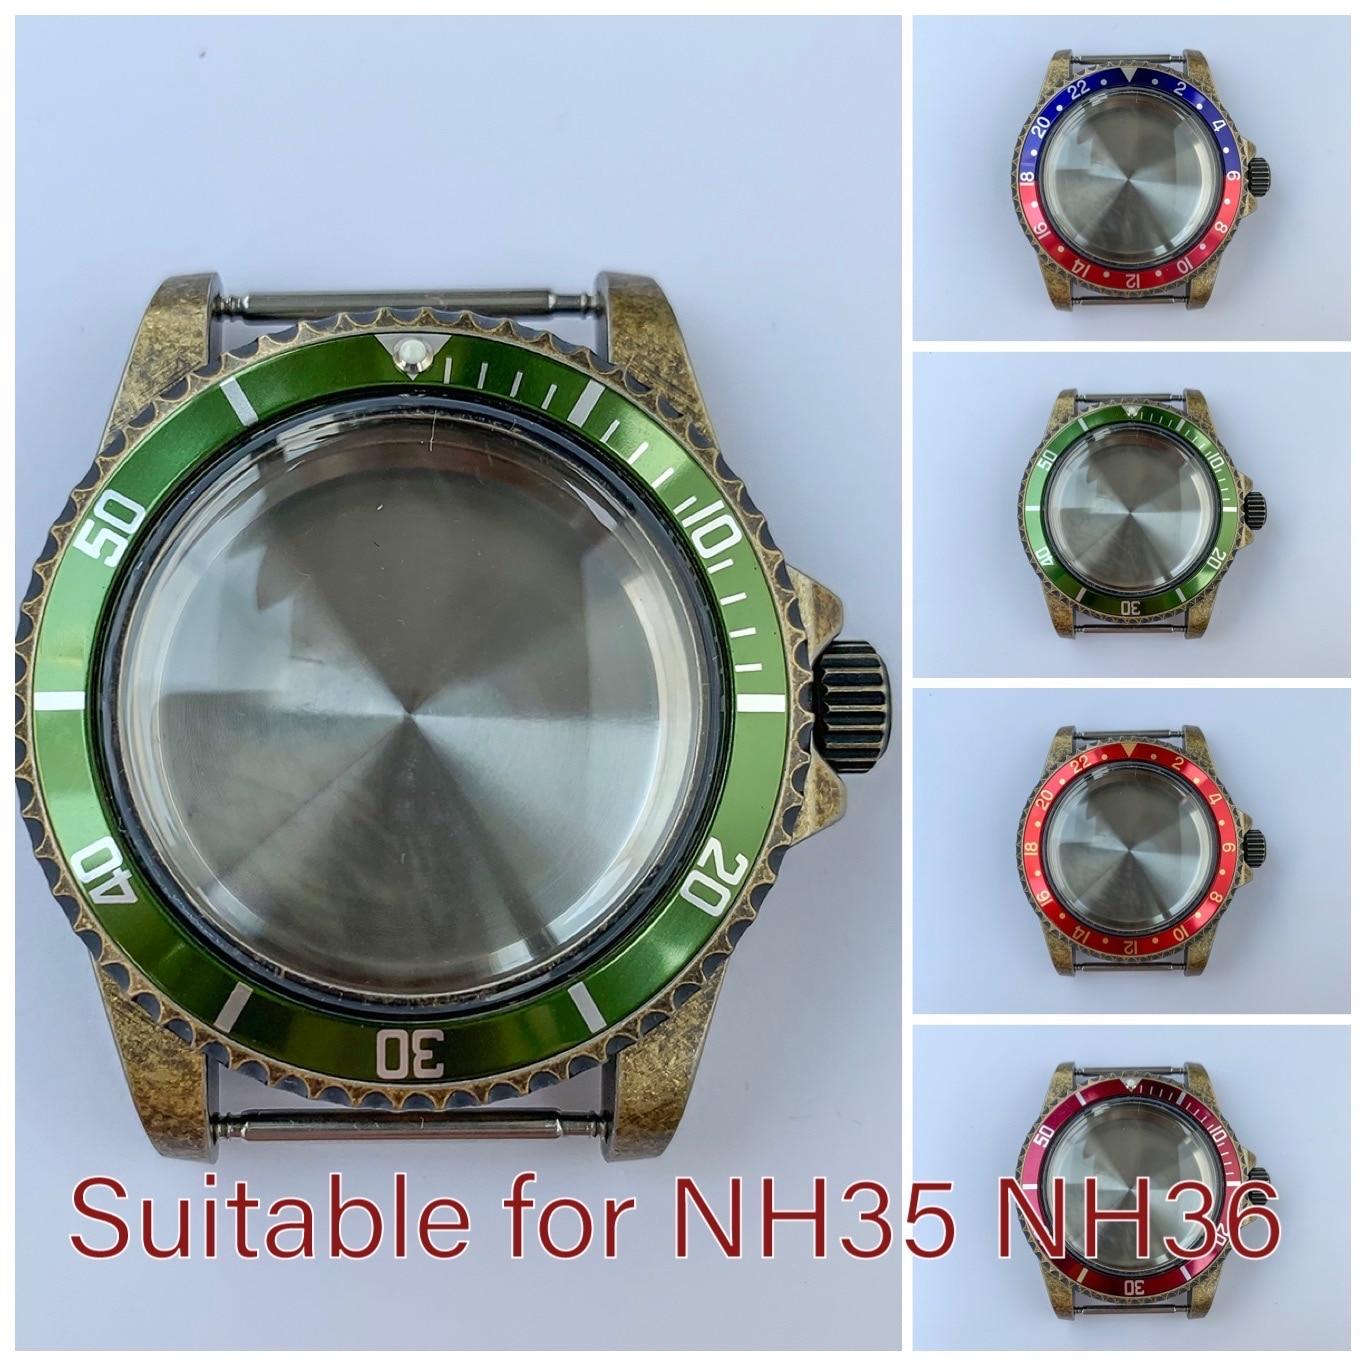 Watchcase خمر الصلب حالة 1960 39.5 مللي متر ل NH35 NH36 حركة الاكريليك مرآة البرونزية الحافة الألومنيوم إدراج ساعة غطاء أجزاء